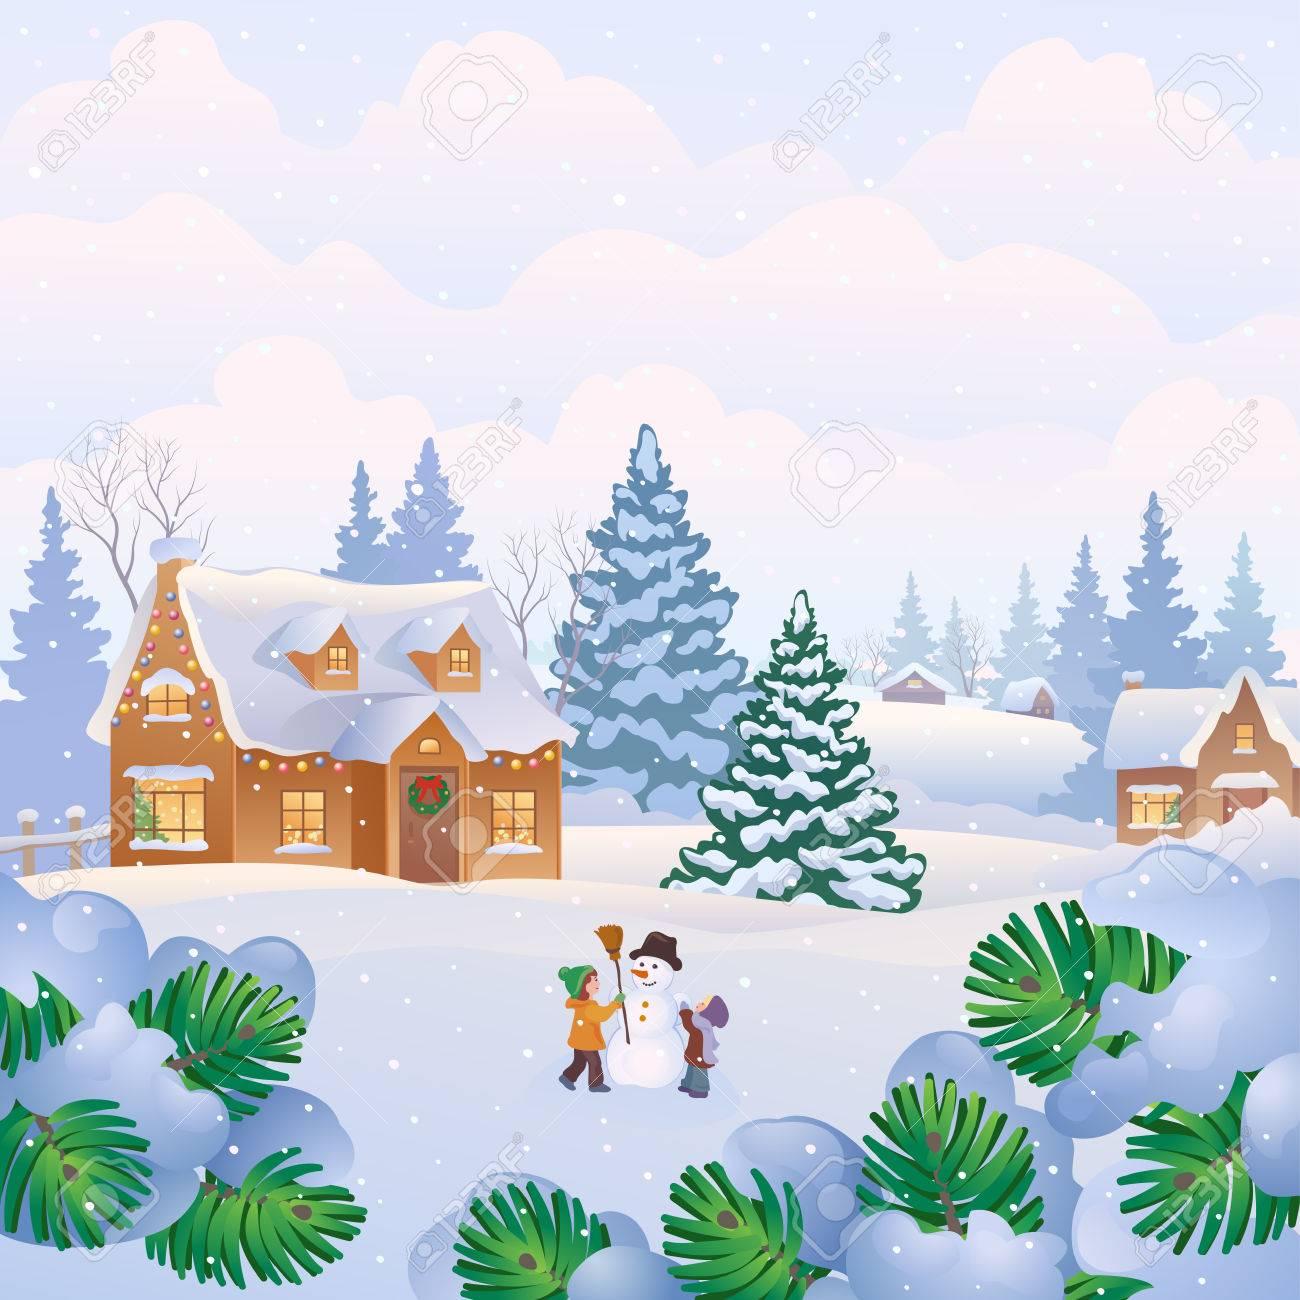 家の雪と雪だるまを作って子供のクリスマス風景のベクトル イラストの